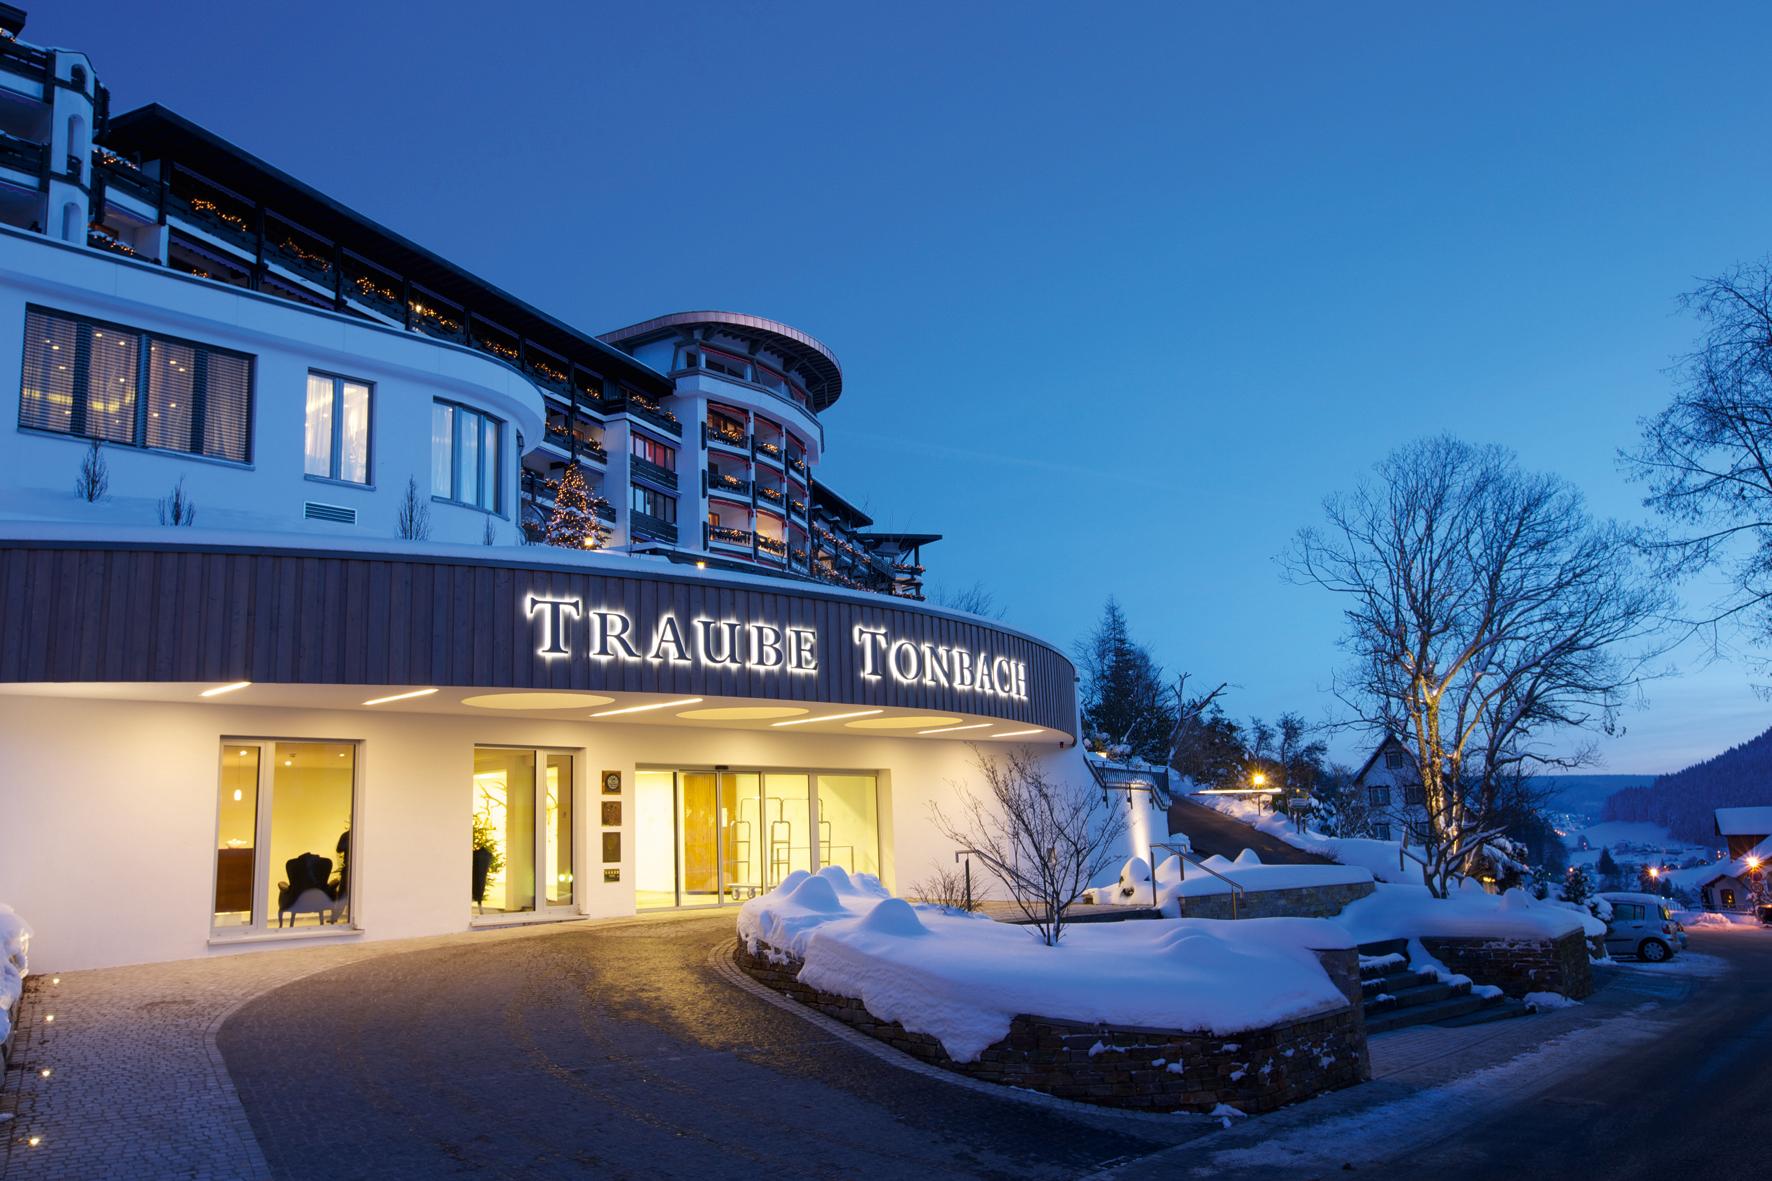 das hotel traube tonbach ist der gr te arbeitgeber in baiersbronn c hotel traube tonbach. Black Bedroom Furniture Sets. Home Design Ideas